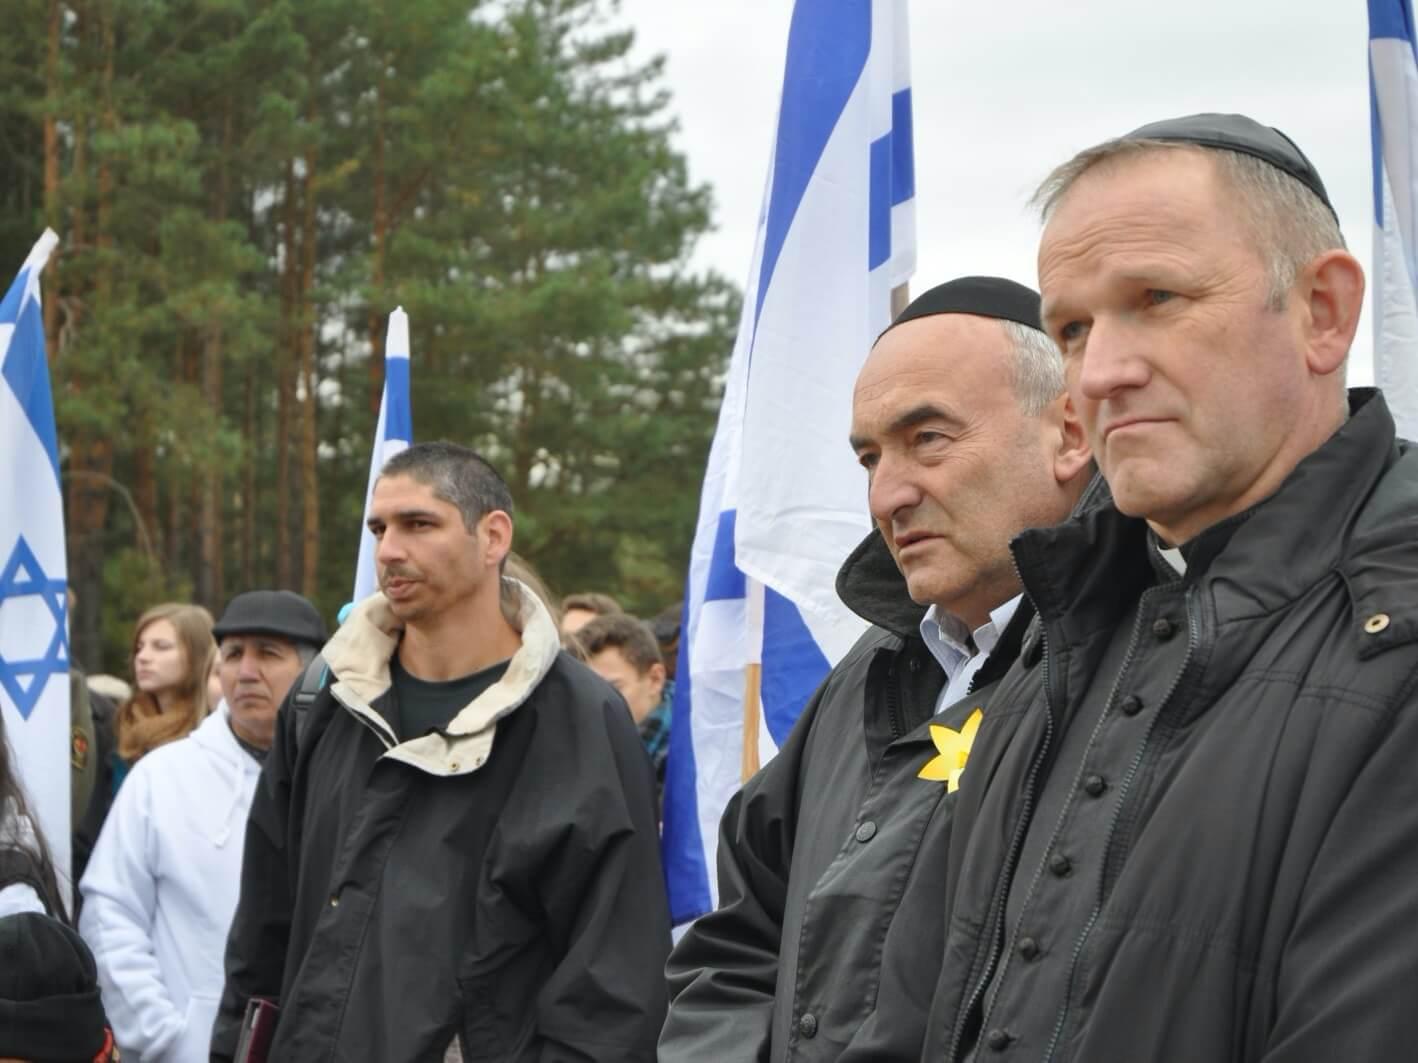 Dyrektor Muzeum Polin: Mamy antysemityzm bez Żydów. Chcemy rozbroić tę minę